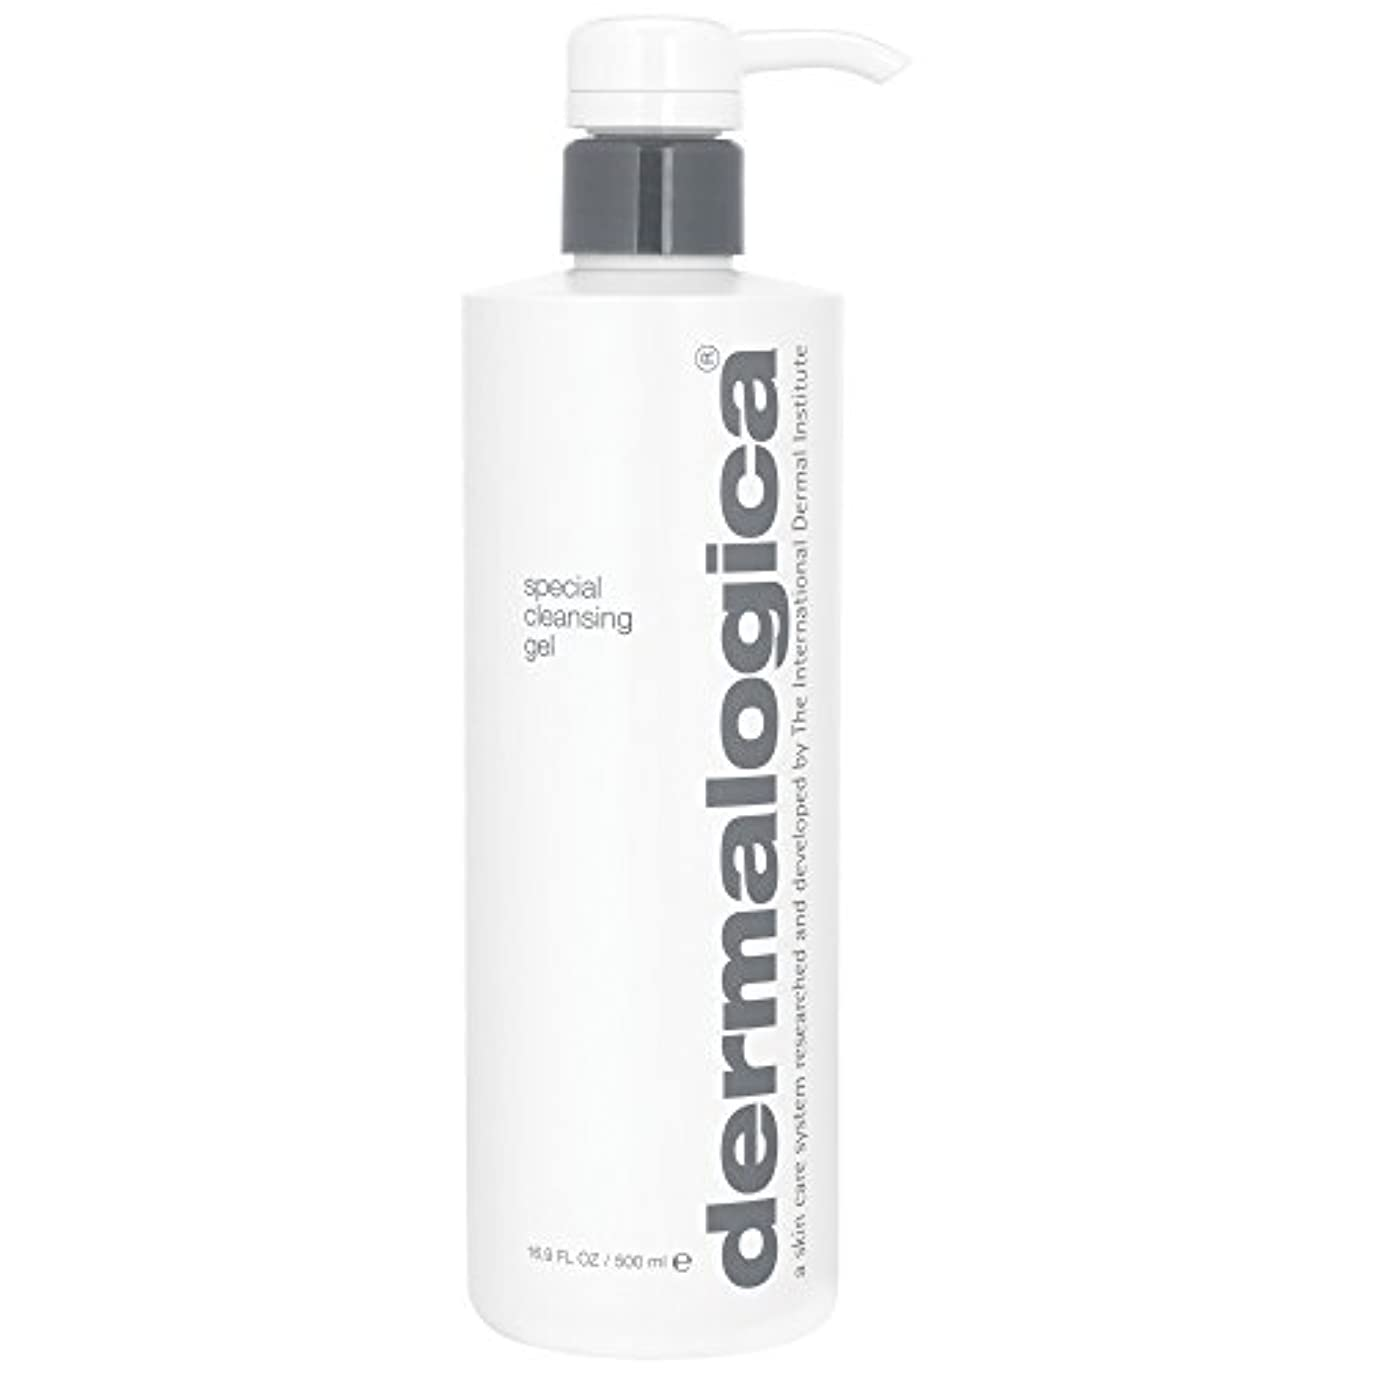 限り厚いぴったりダーマロジカ特別なクレンジングゲル500ミリリットル (Dermalogica) - Dermalogica Special Cleansing Gel 500ml [並行輸入品]